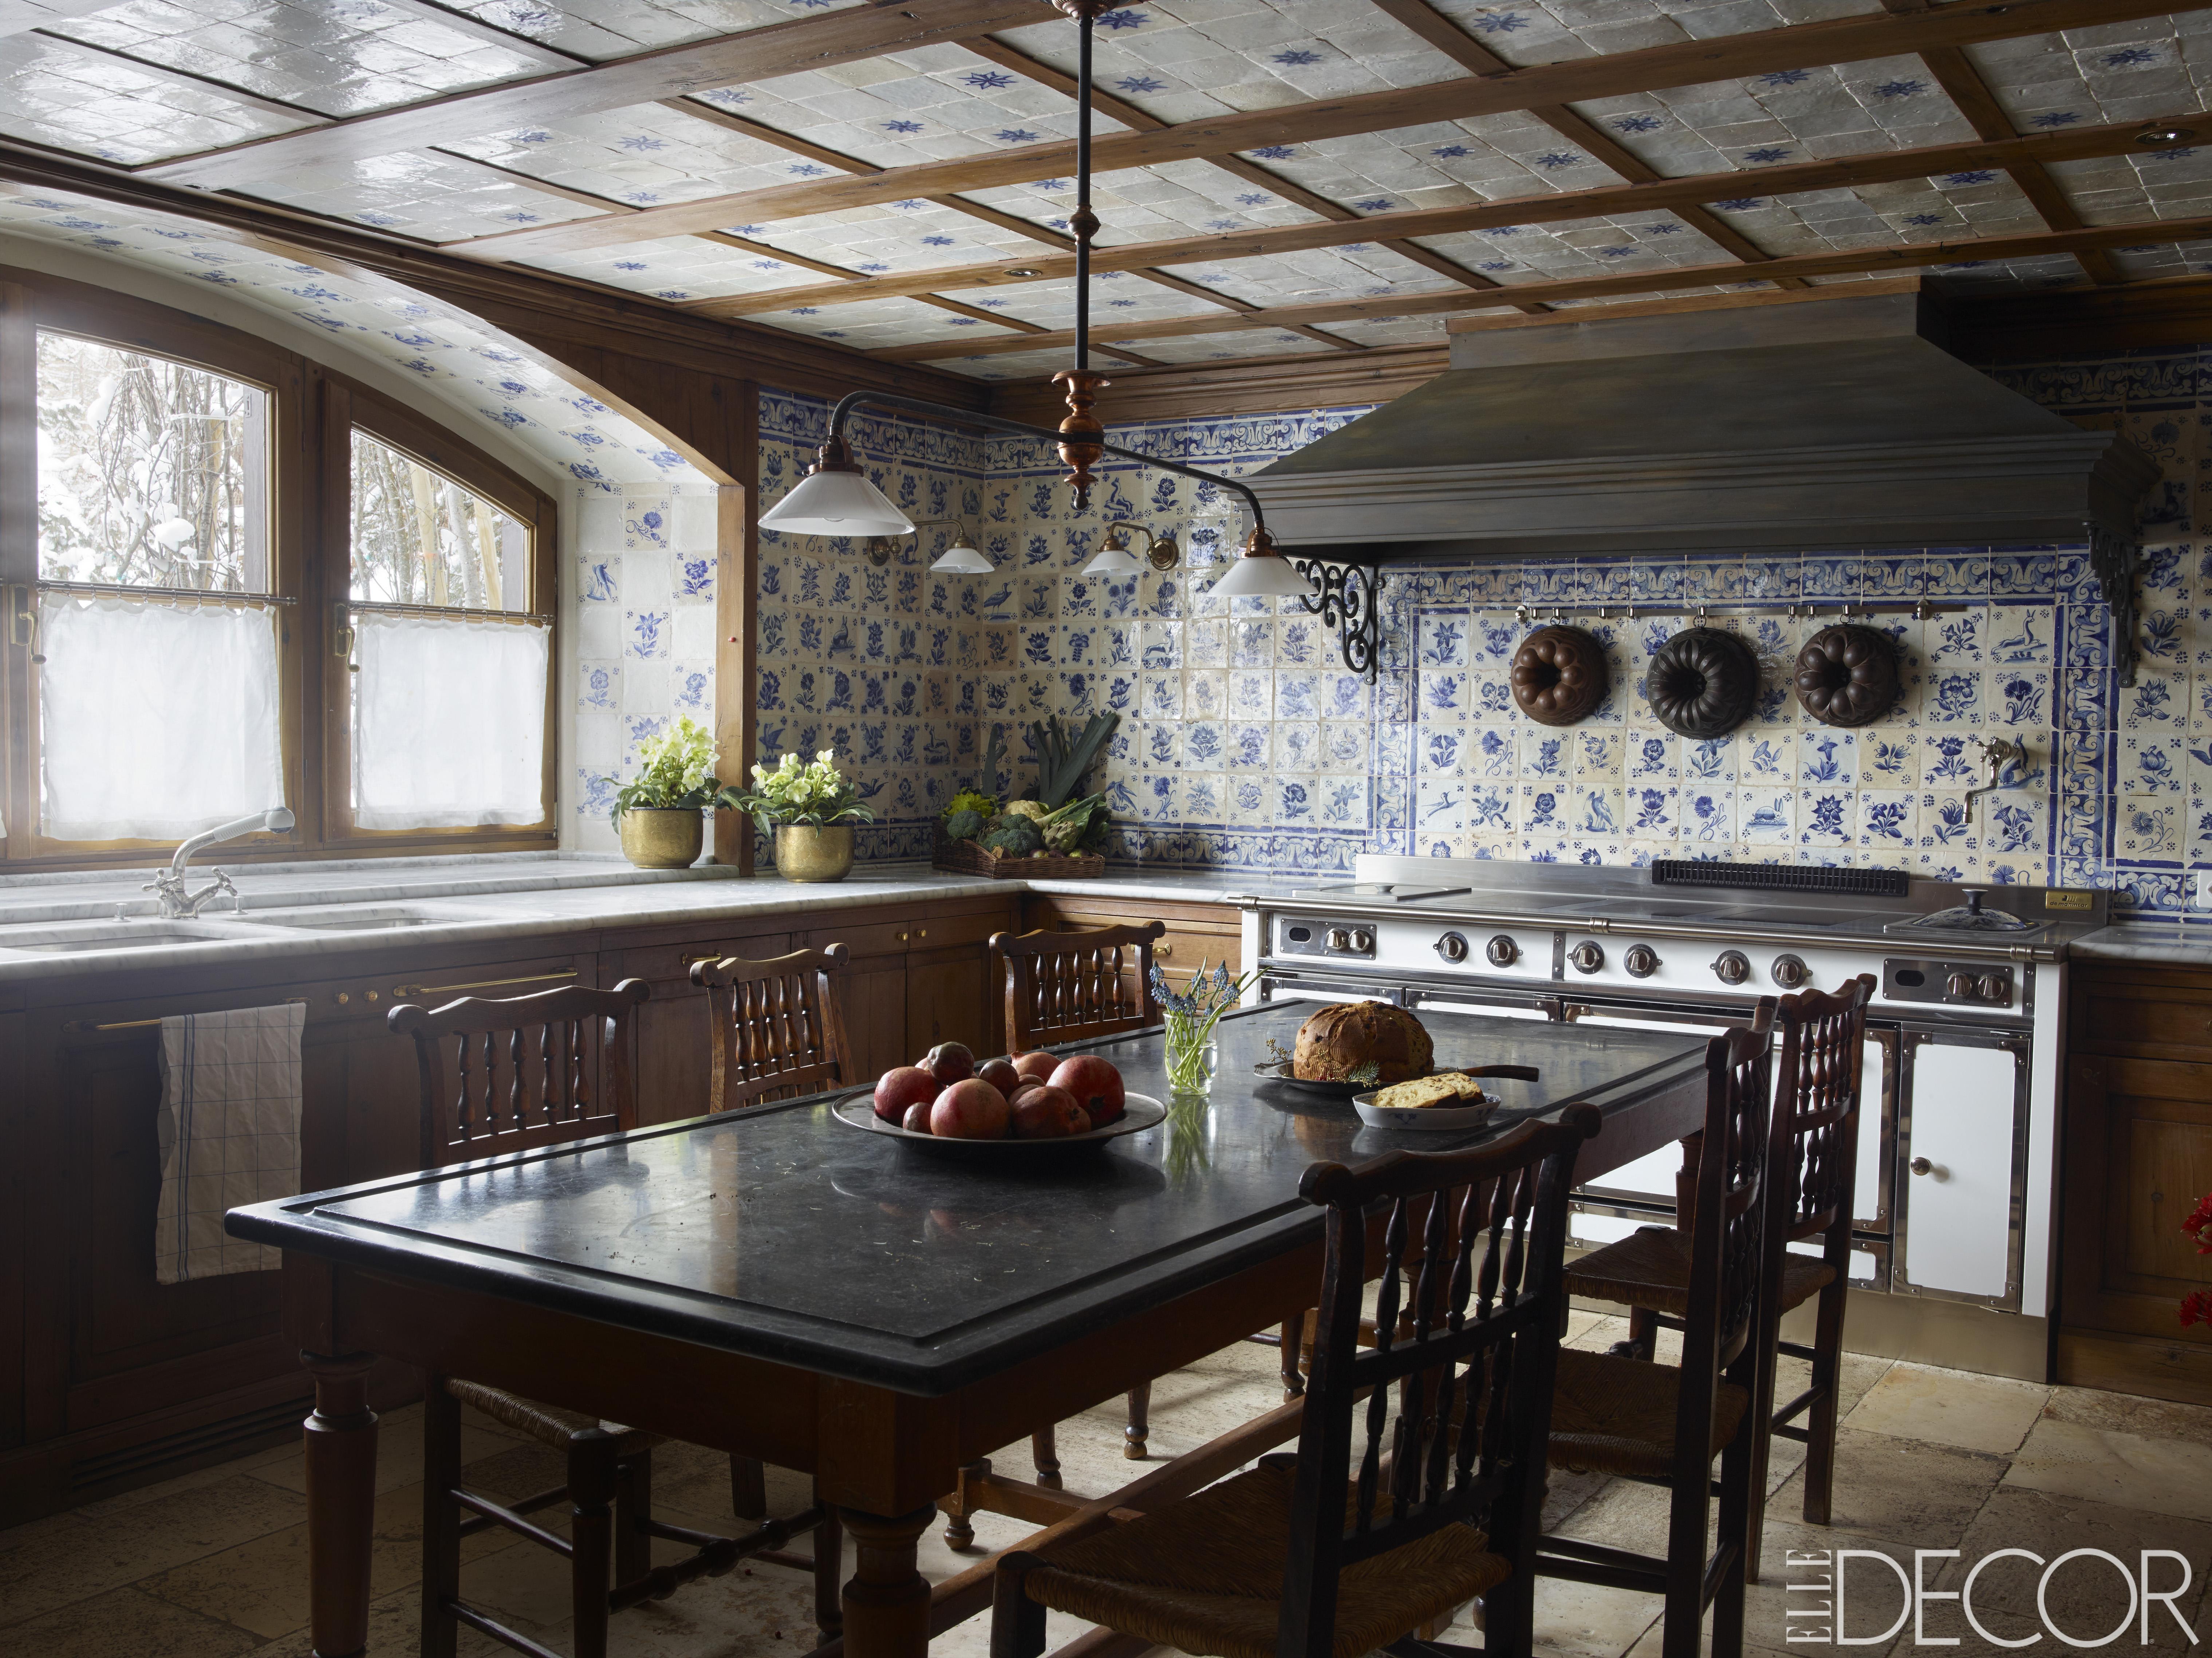 25 rustic kitchen decor ideas - country kitchens design SFIKOIB